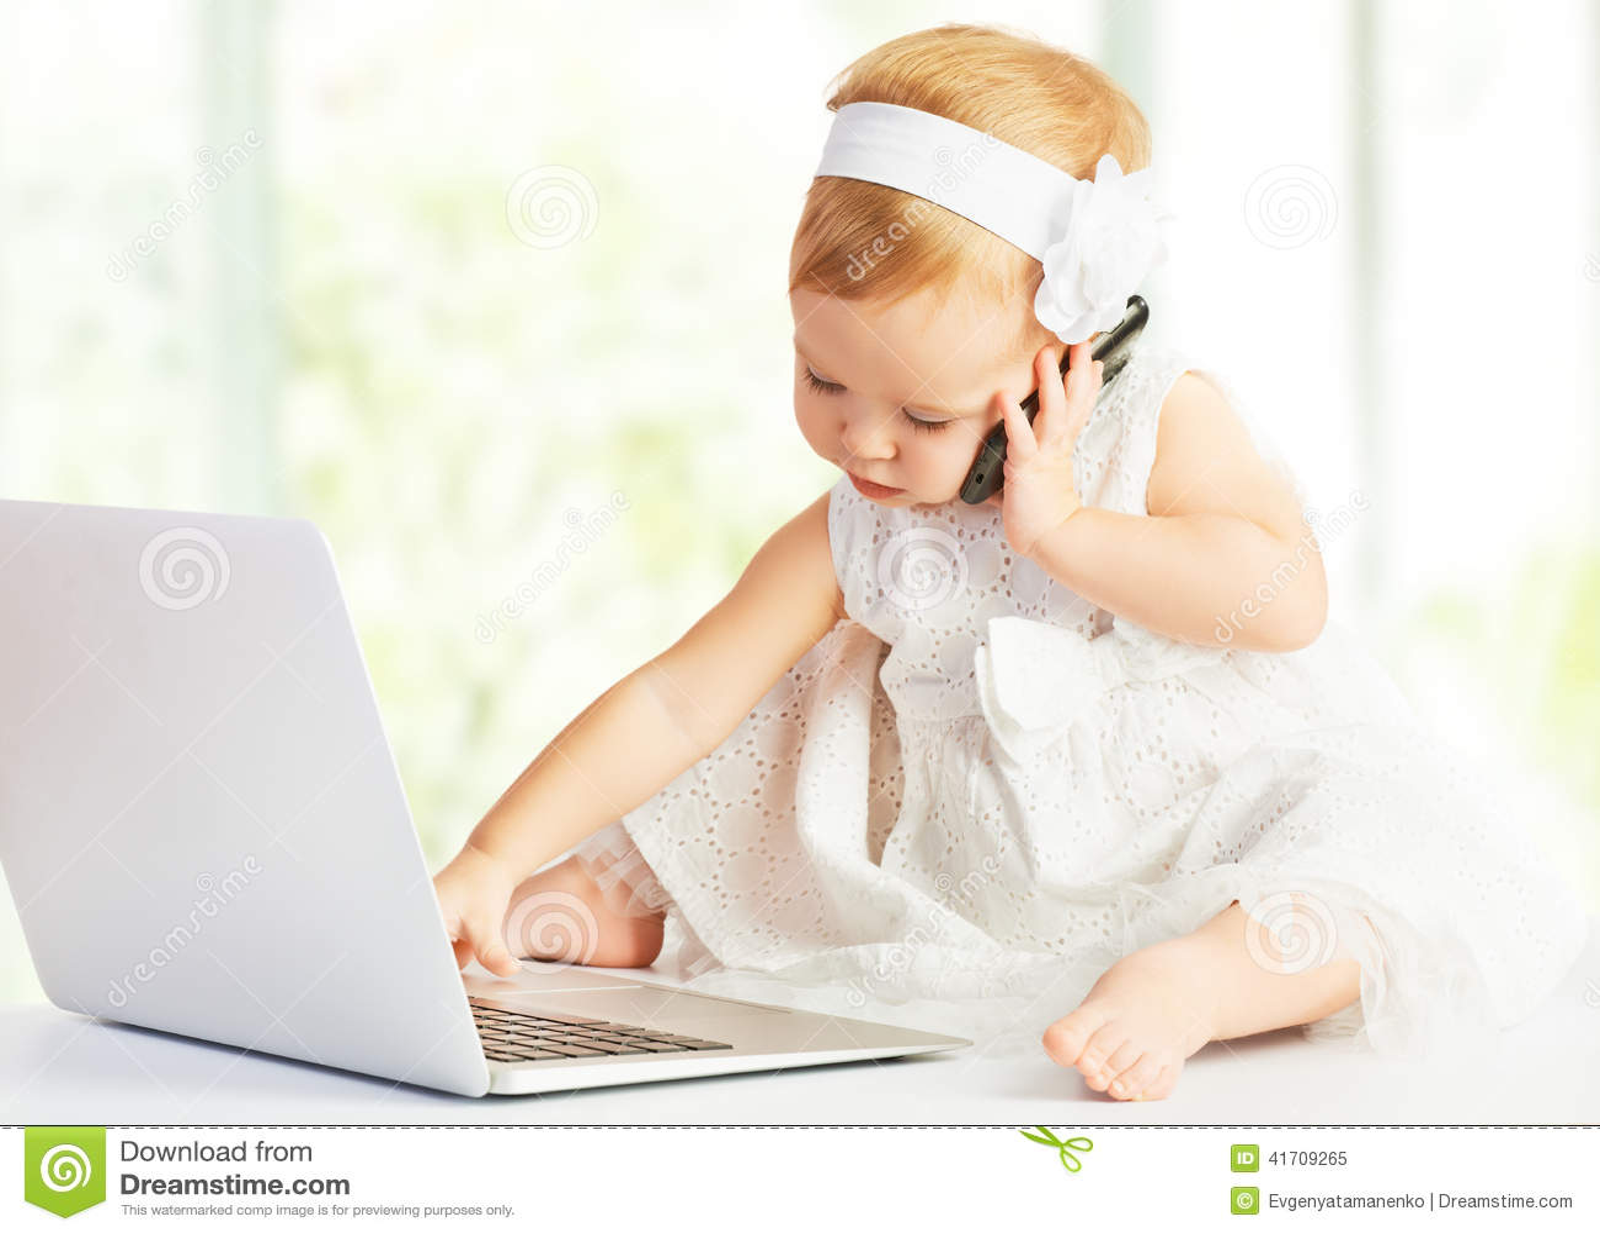 baby an der laptop computer handy stockbild bild von konzept nett 41709265. Black Bedroom Furniture Sets. Home Design Ideas